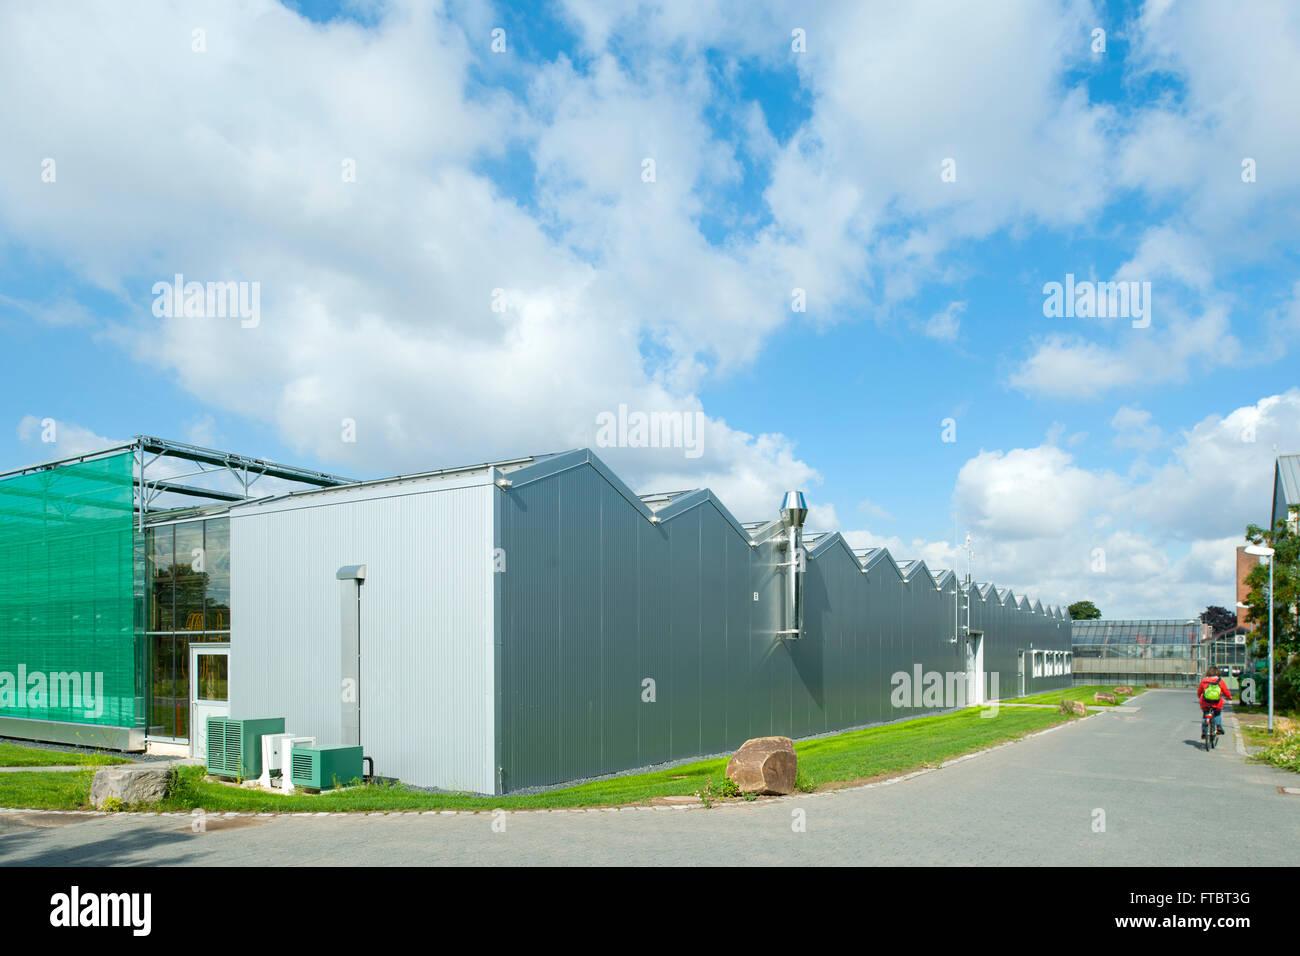 Deutschland, Köln, Max-Planck-Institut für Pflanzenzüchtungsforschung, Gewächshäuser - Stock Image